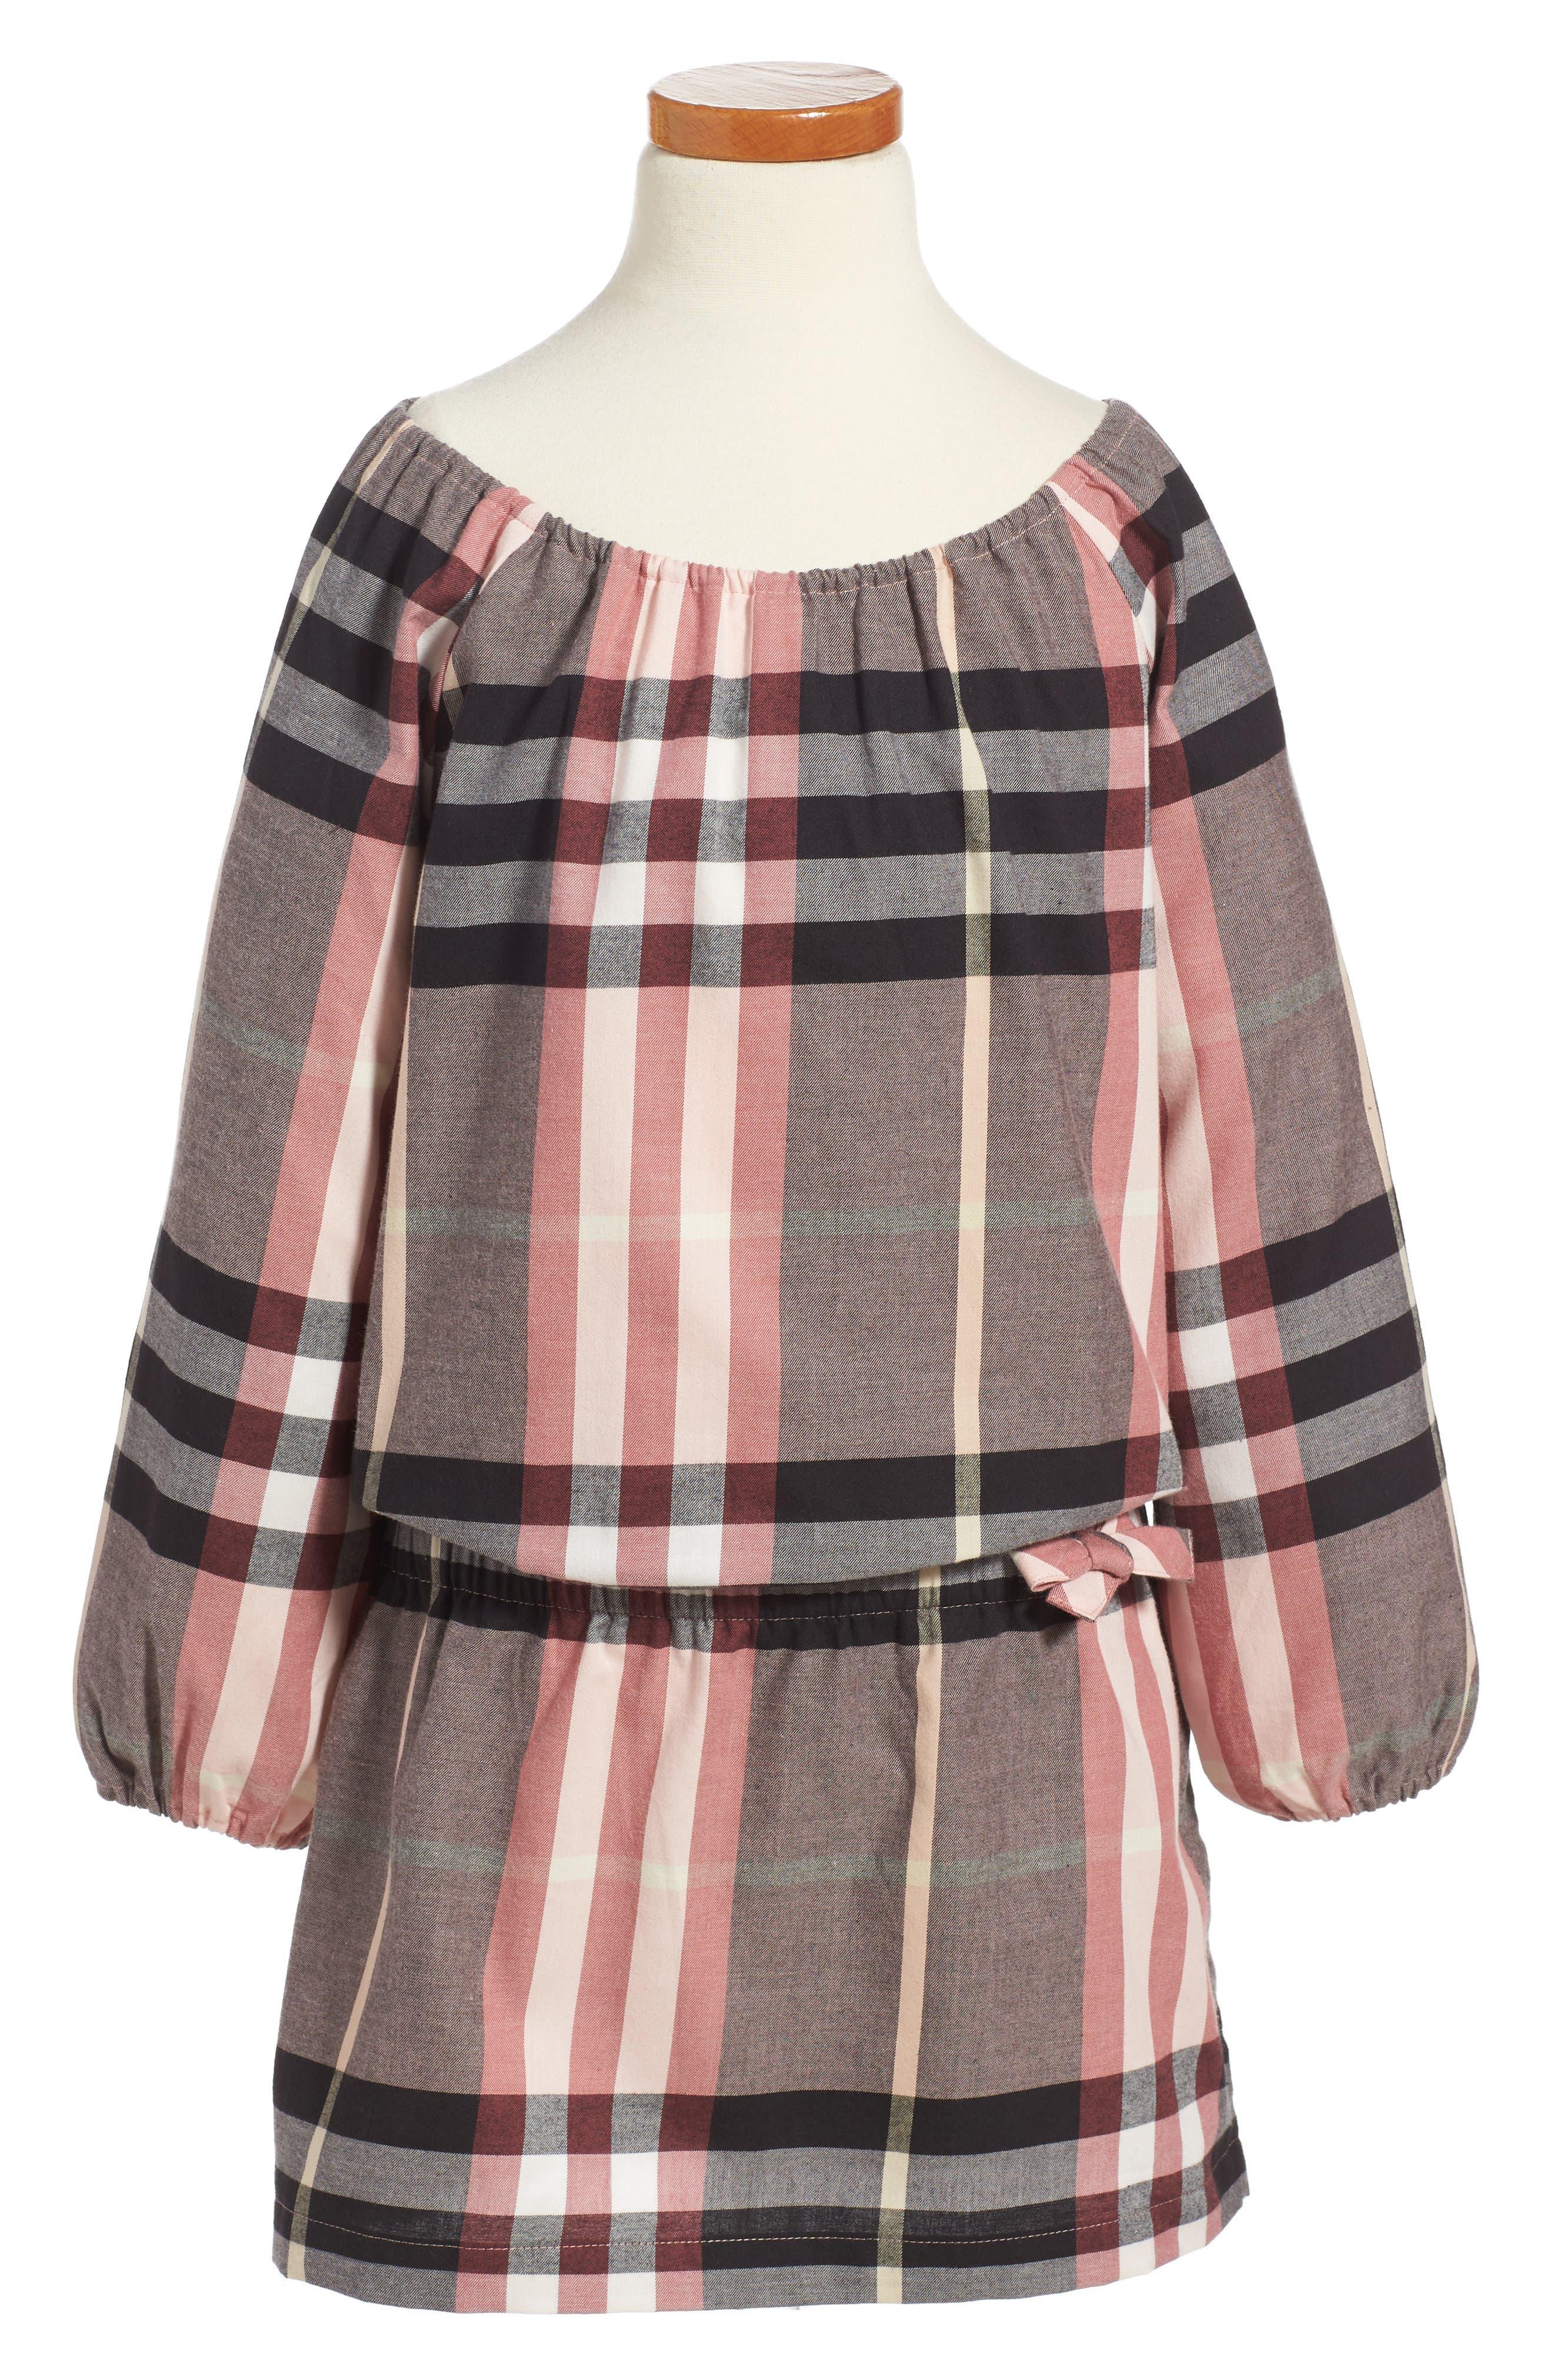 Main Image - Burberry Kadyann Check Flannel Dress (Little Girls & Big Girls)